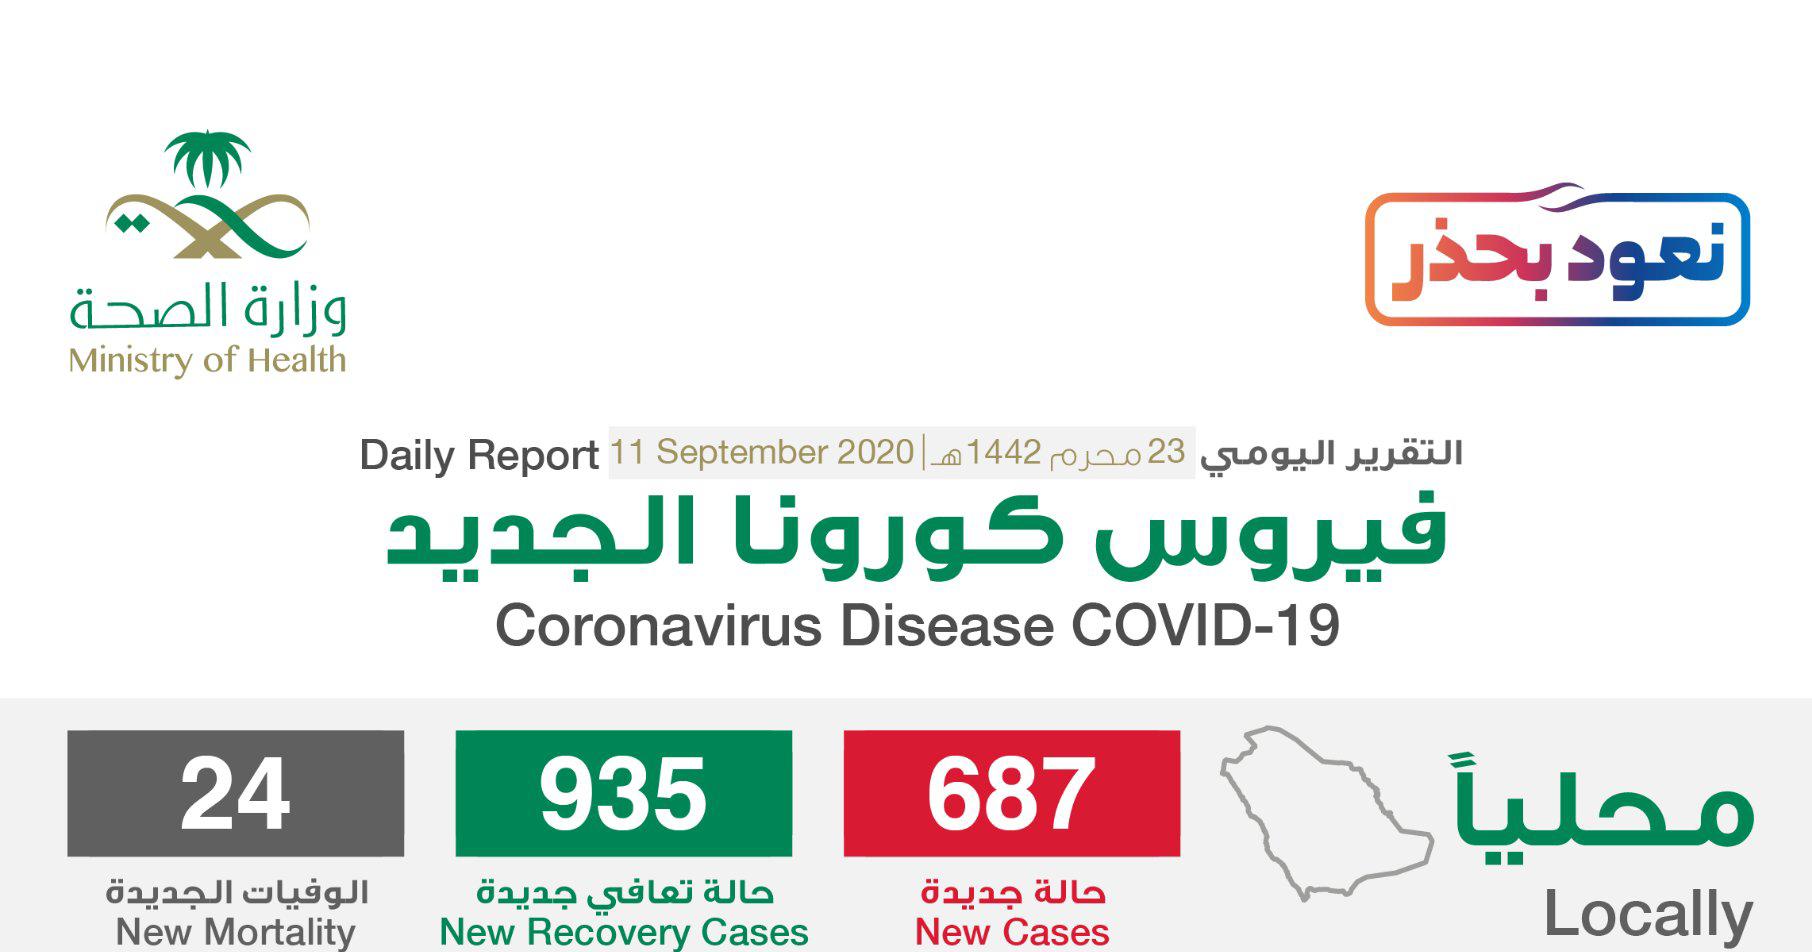 مستجدات كورونا في السعودية 12 سبتمبر .. استمرار تراجع الإصابات وزيادة طفيفة للوفيات 1